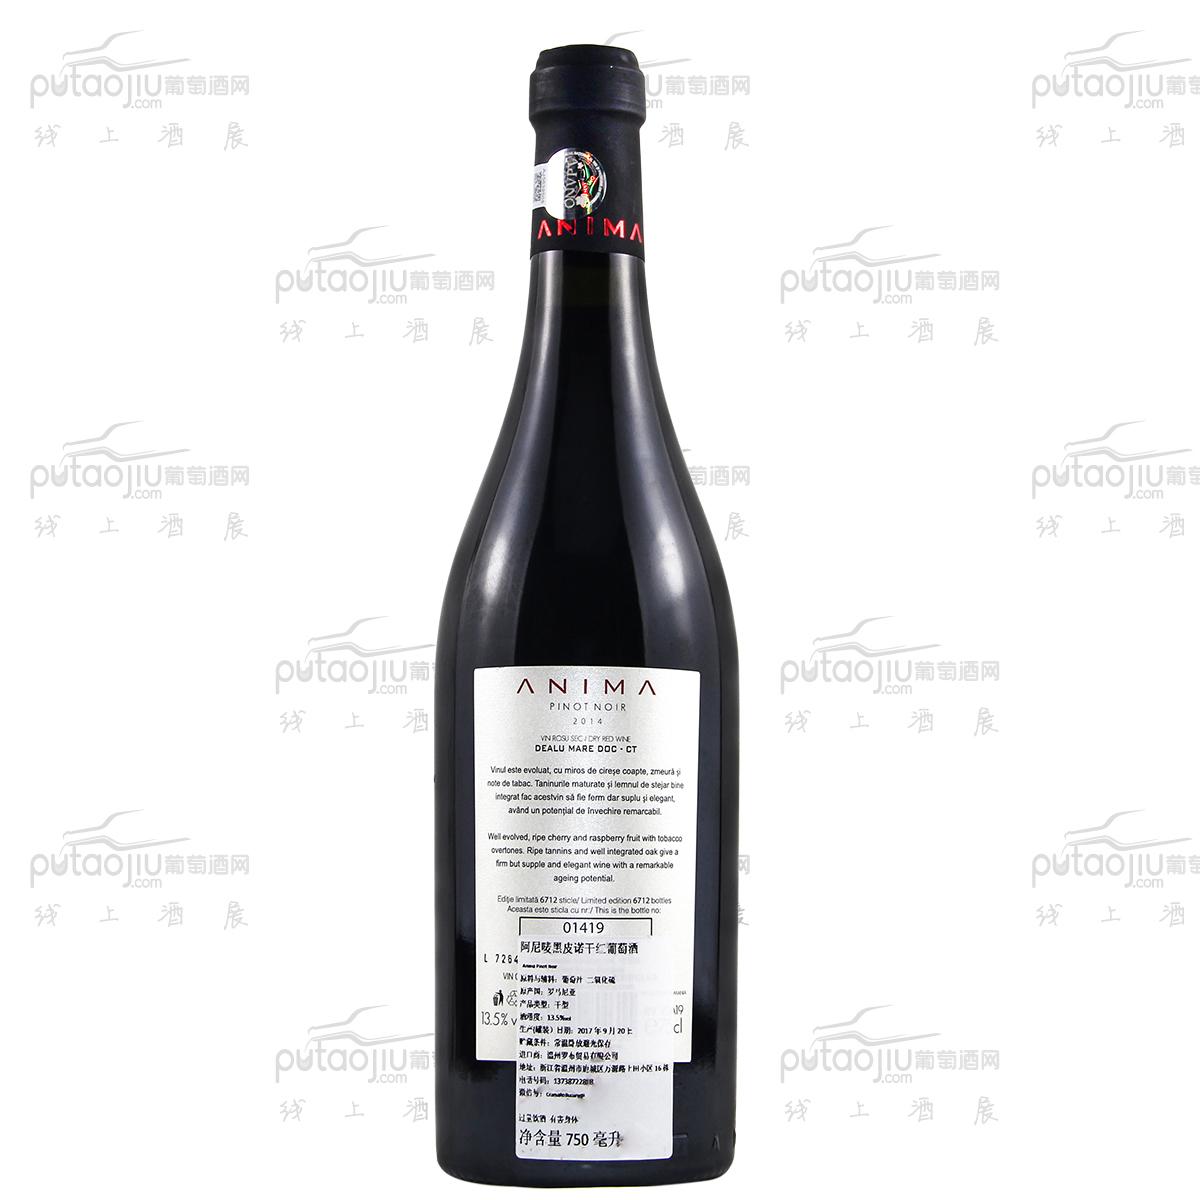 阿尼唛黑皮诺干红葡萄酒